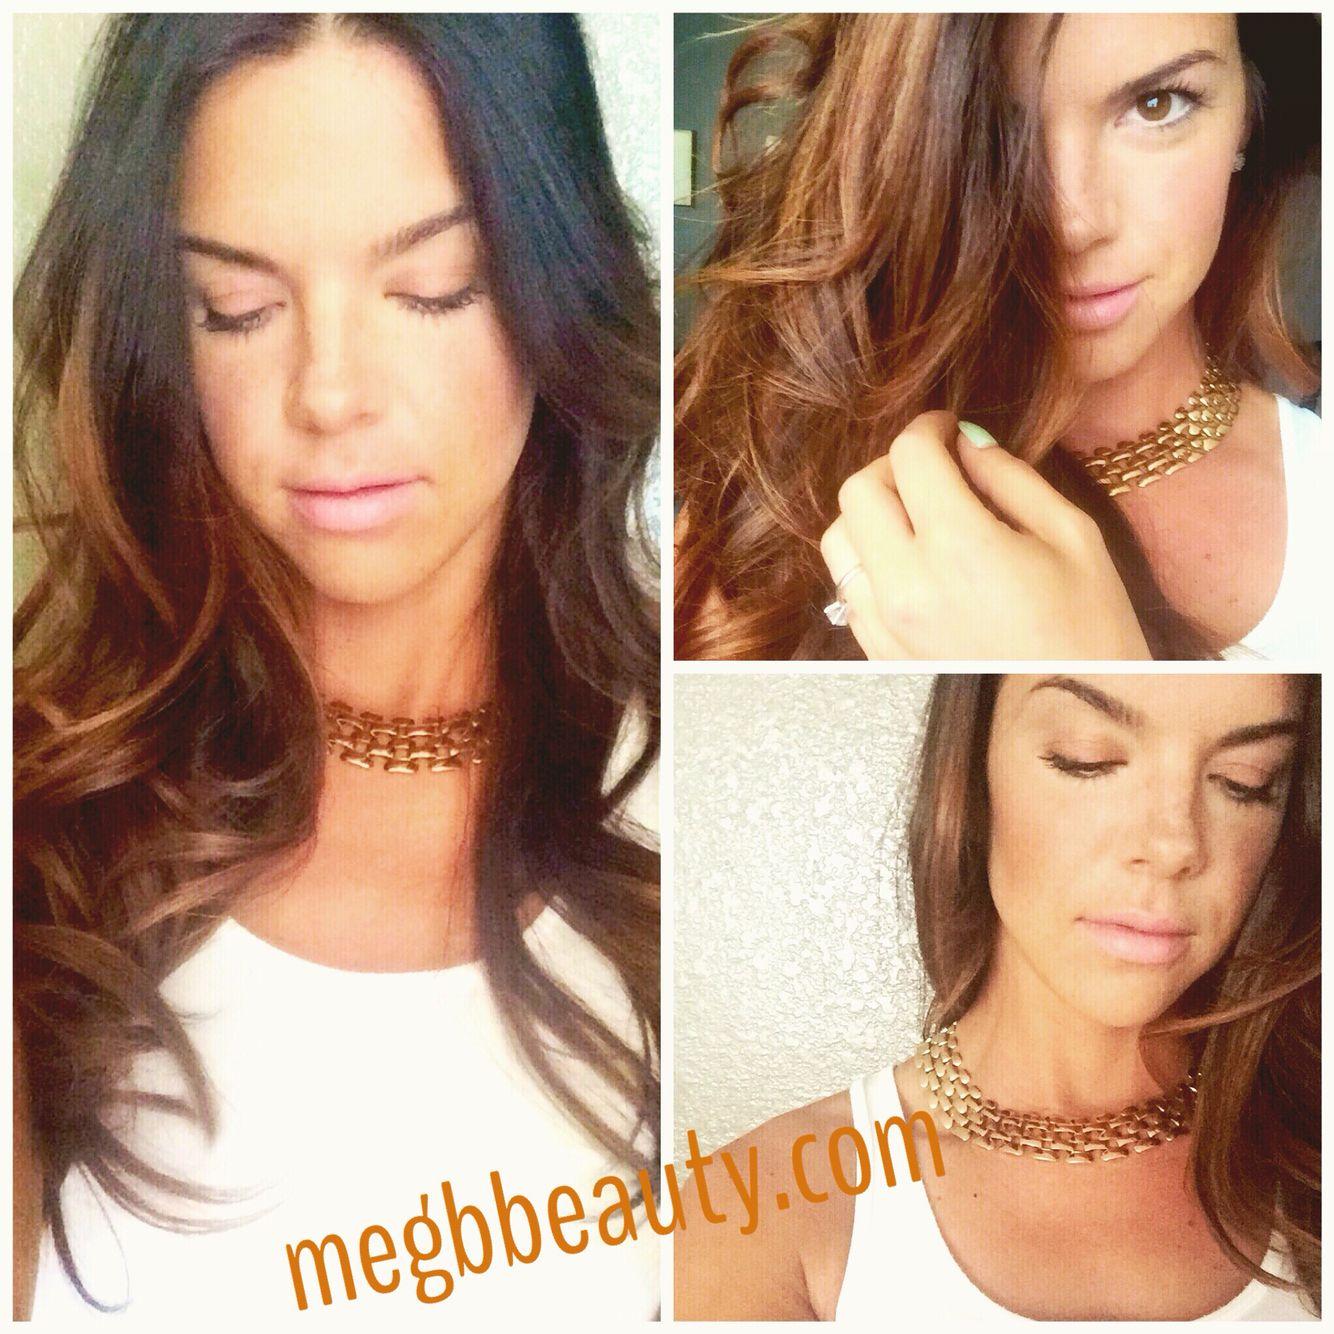 Golden Balayage - Long Hairstyles - MAC Lipstick Angel - NARS Dual Intensity Blush @megbbeauty